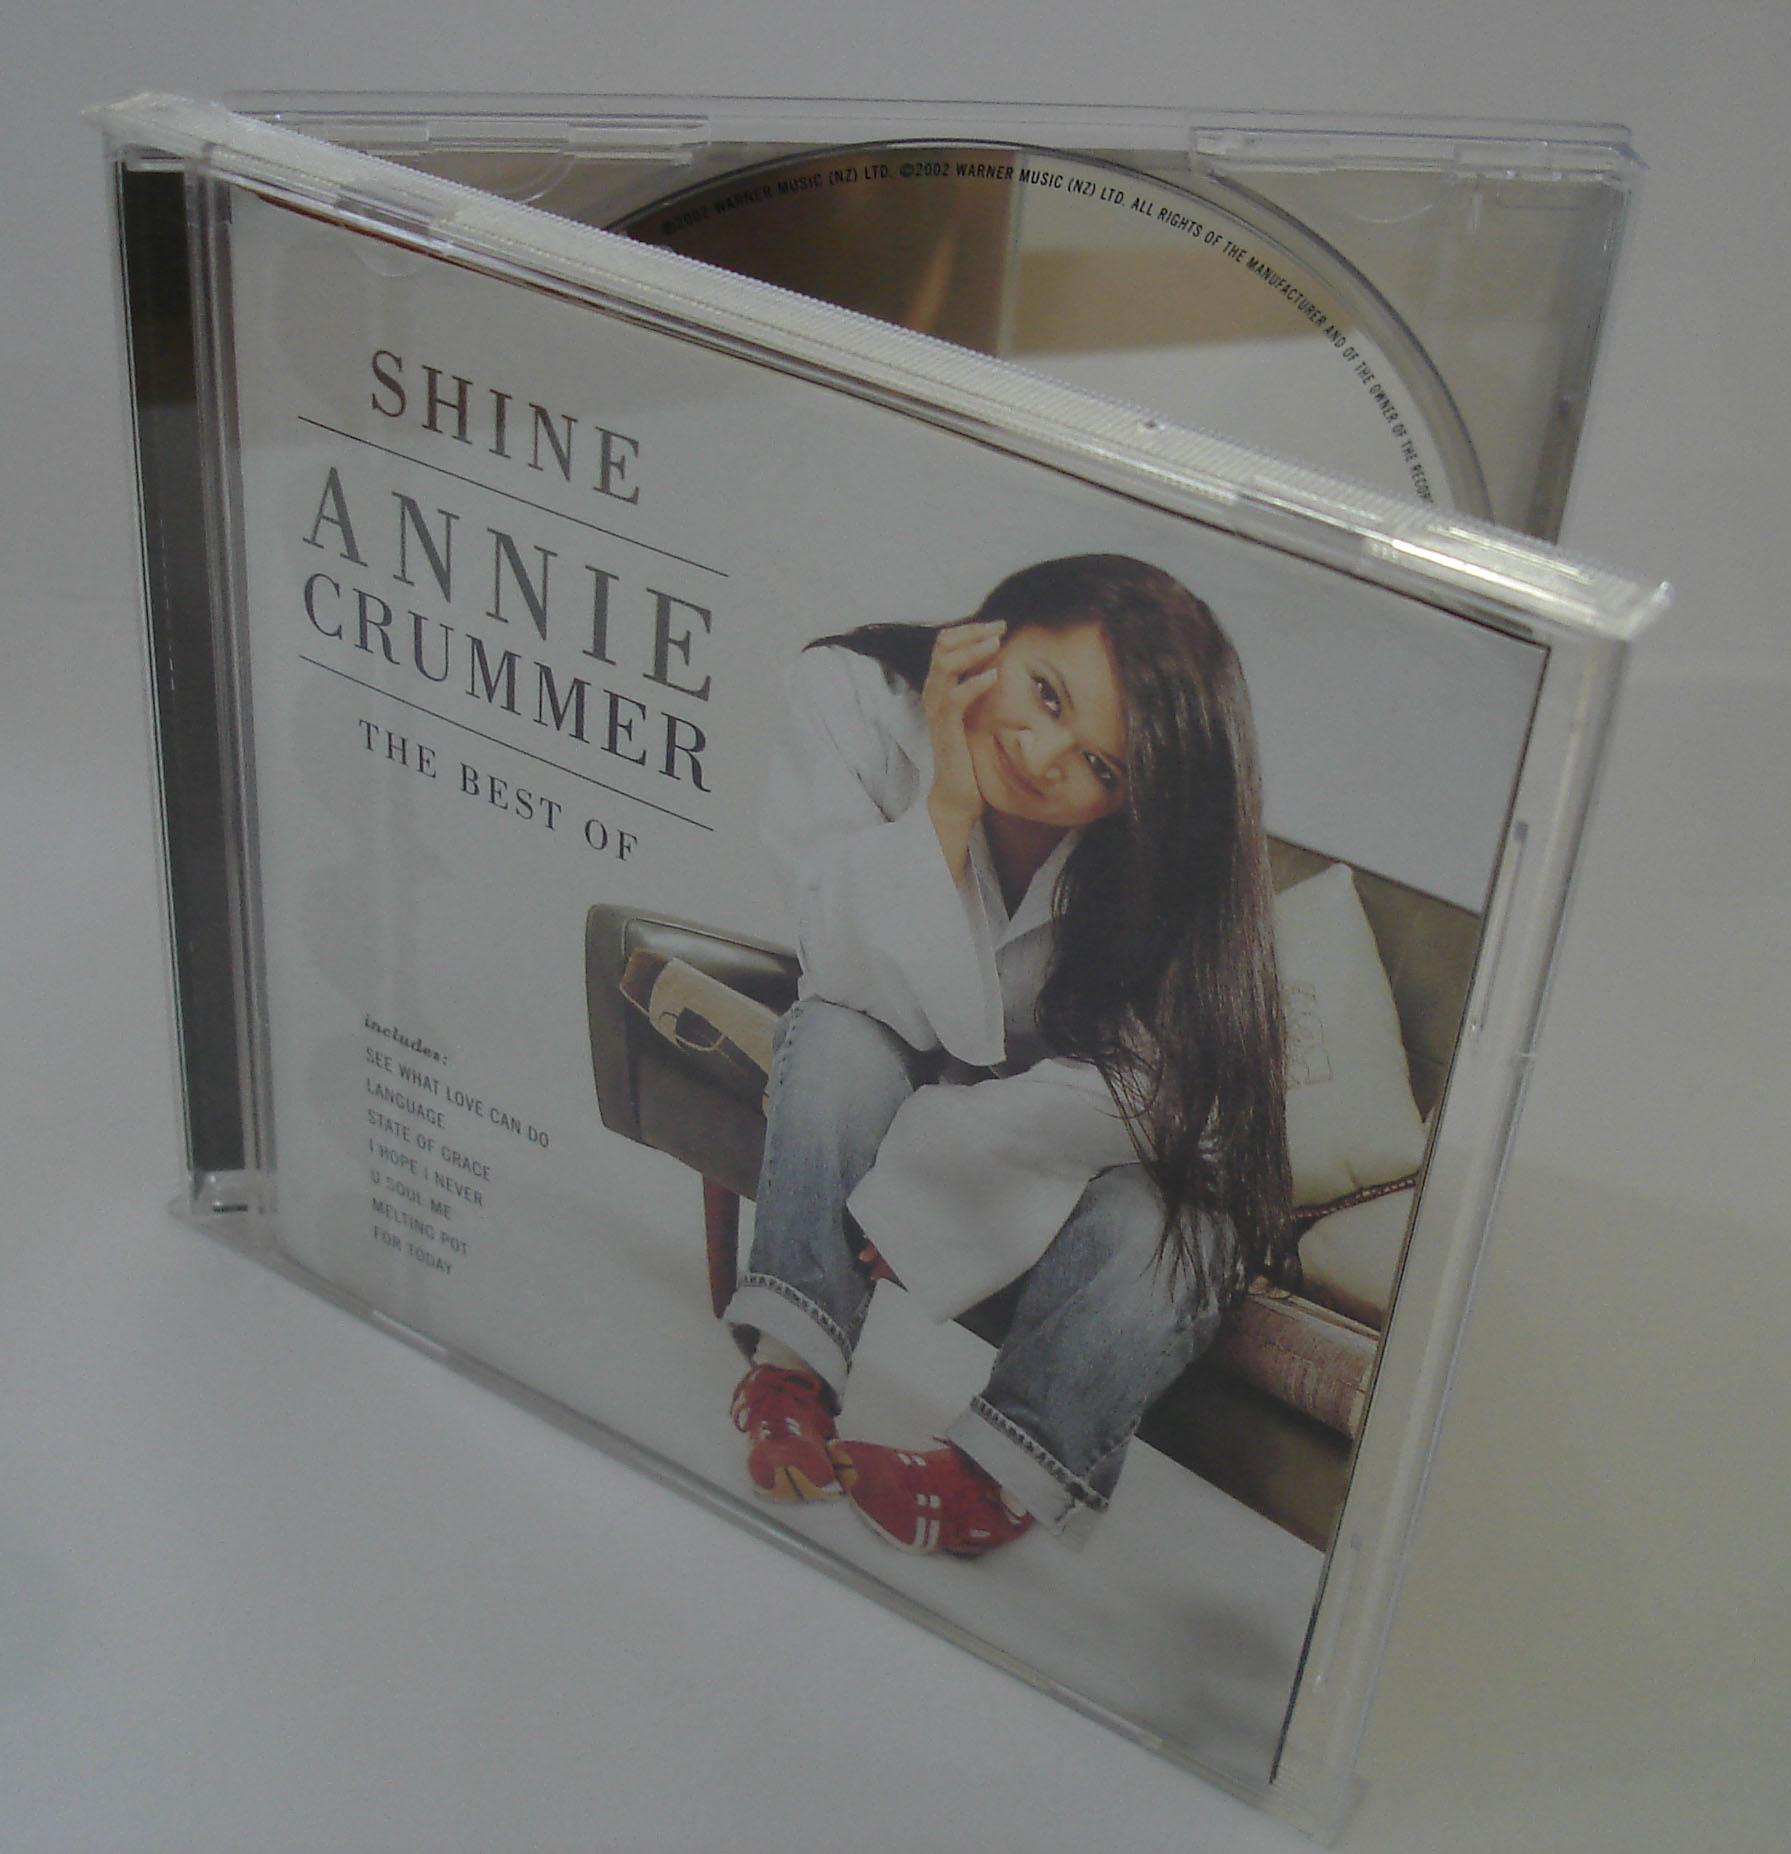 ANNIE CRUMMER - SHINE - THE BEST OF - ALBUM